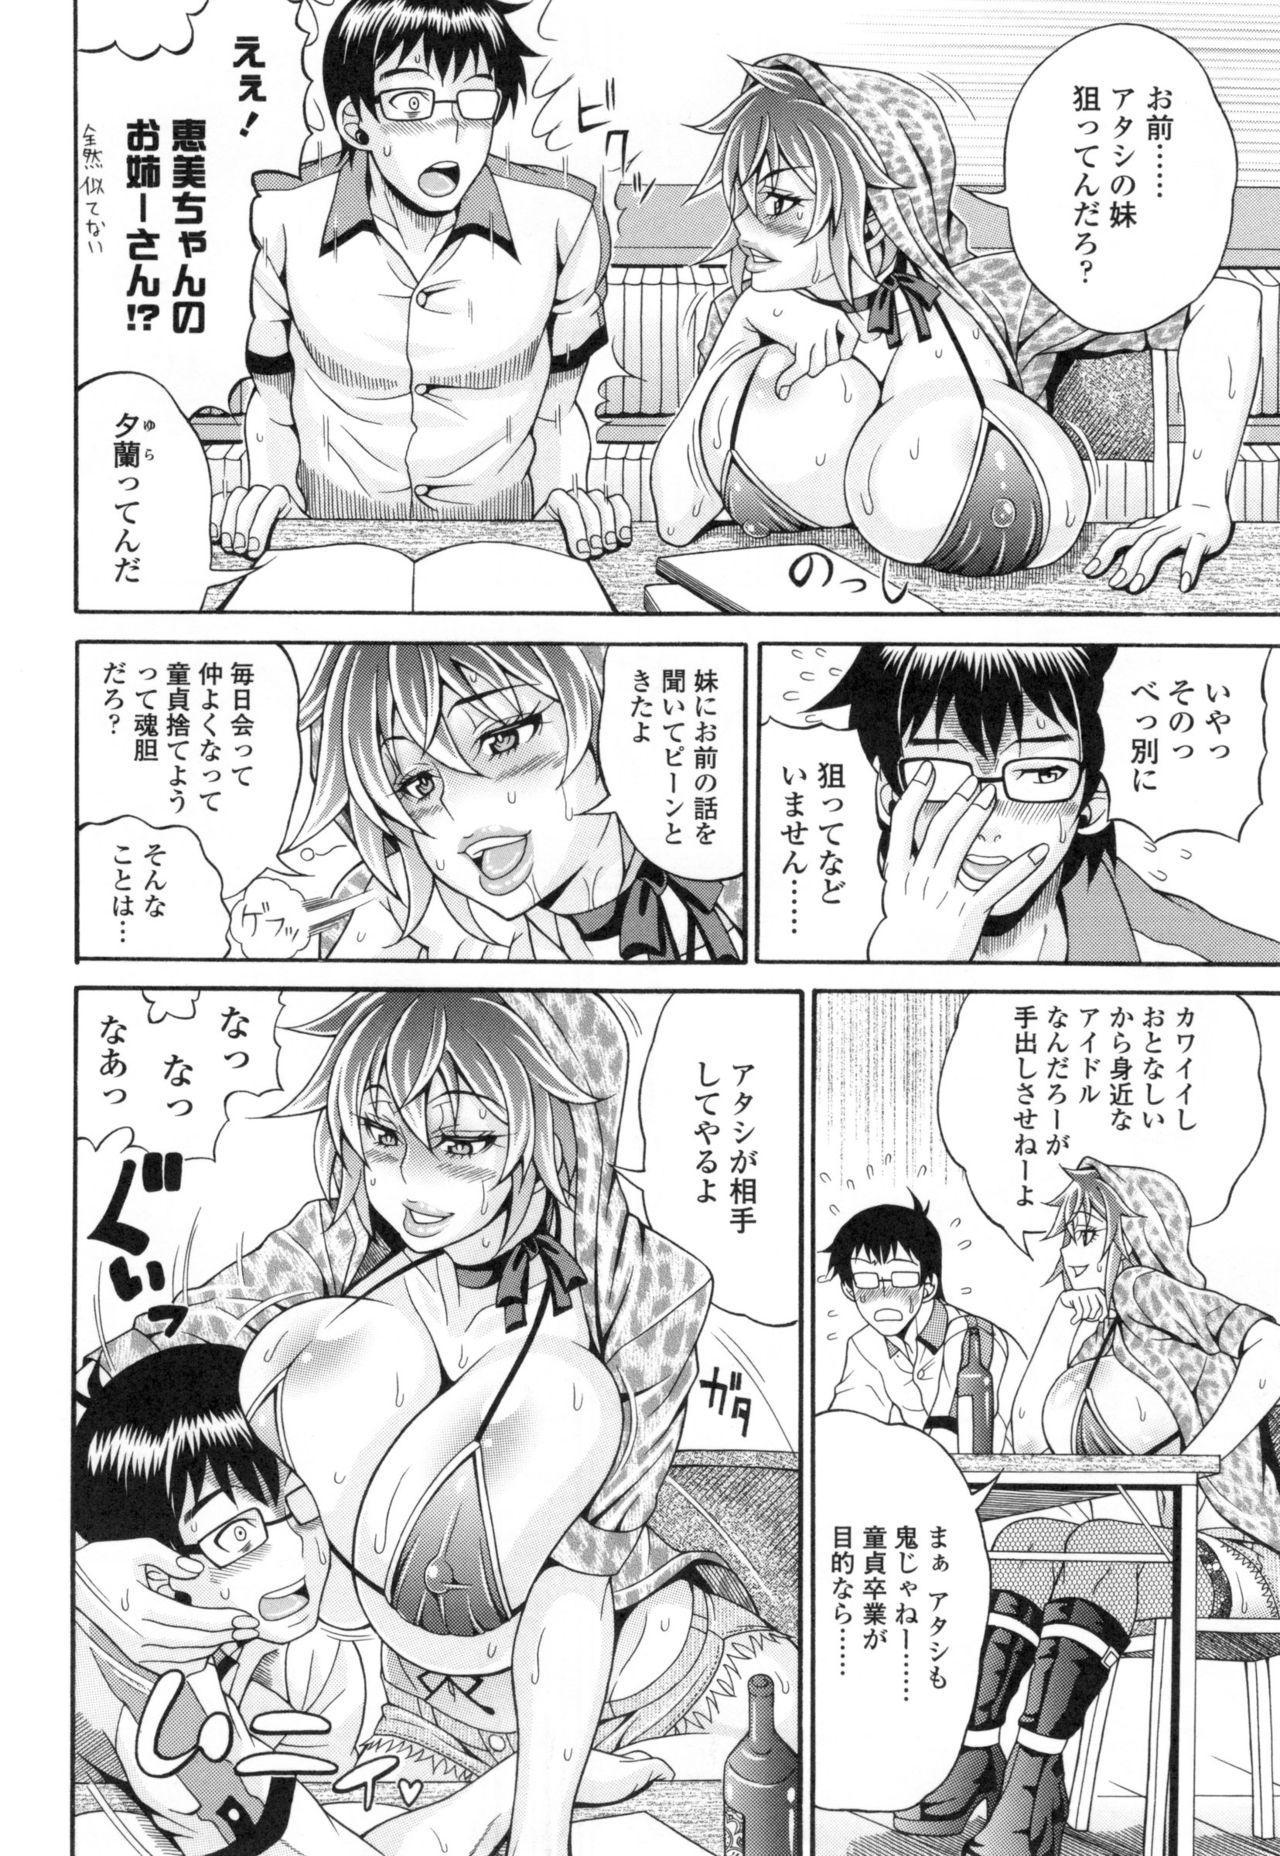 [Andou Hiroyuki] Pakopako Bitch ~Megamori! Mashimashi! Dosukebe Niku~ + Toranoana Leaflet 96